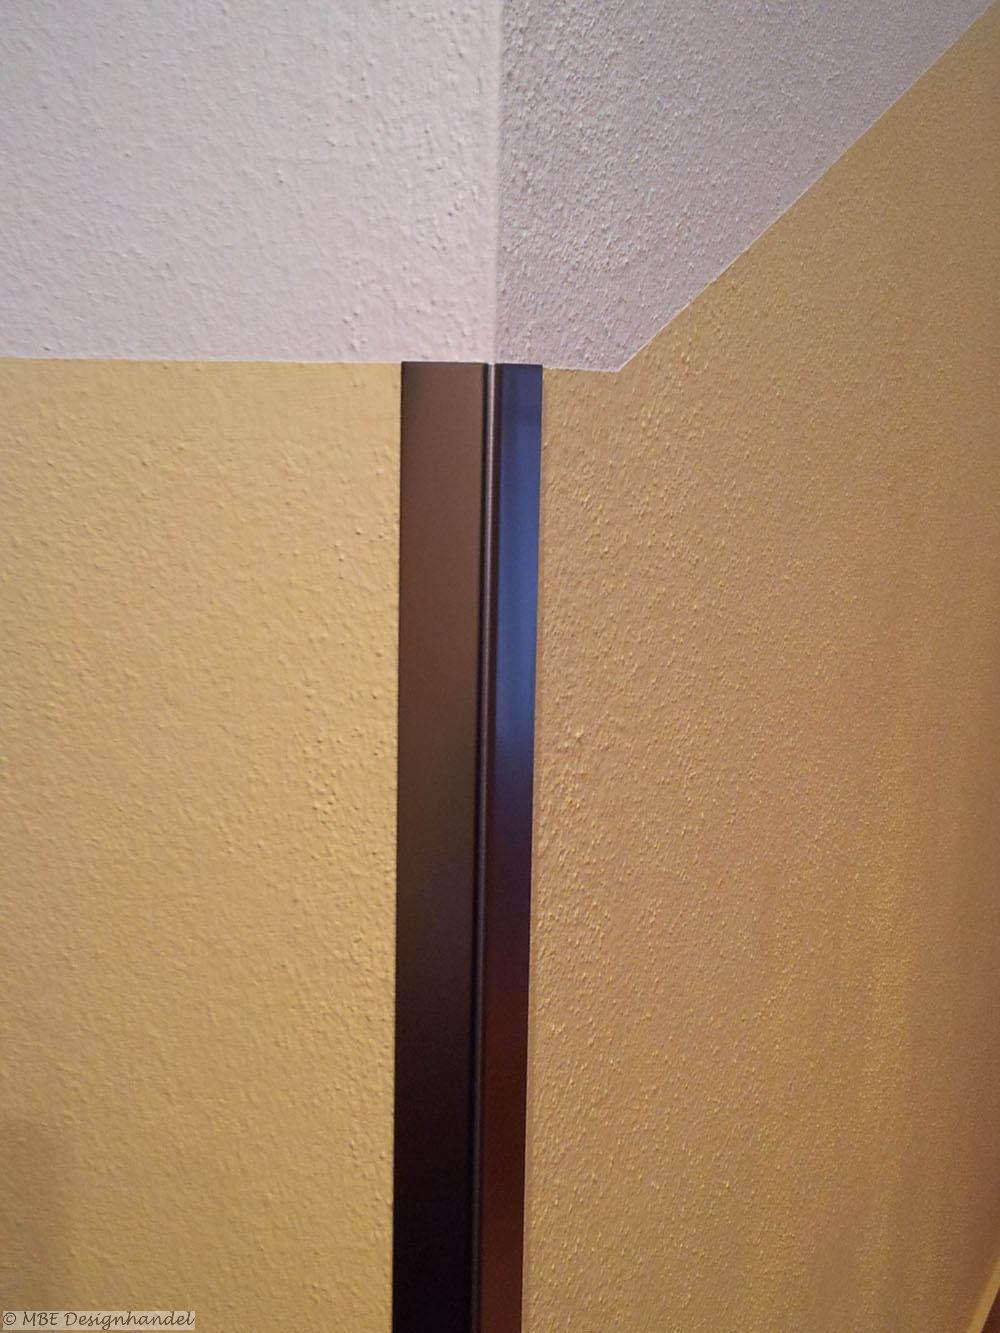 kantenschutz aus hochwertigem edelstahl: 40x40x1000 mm